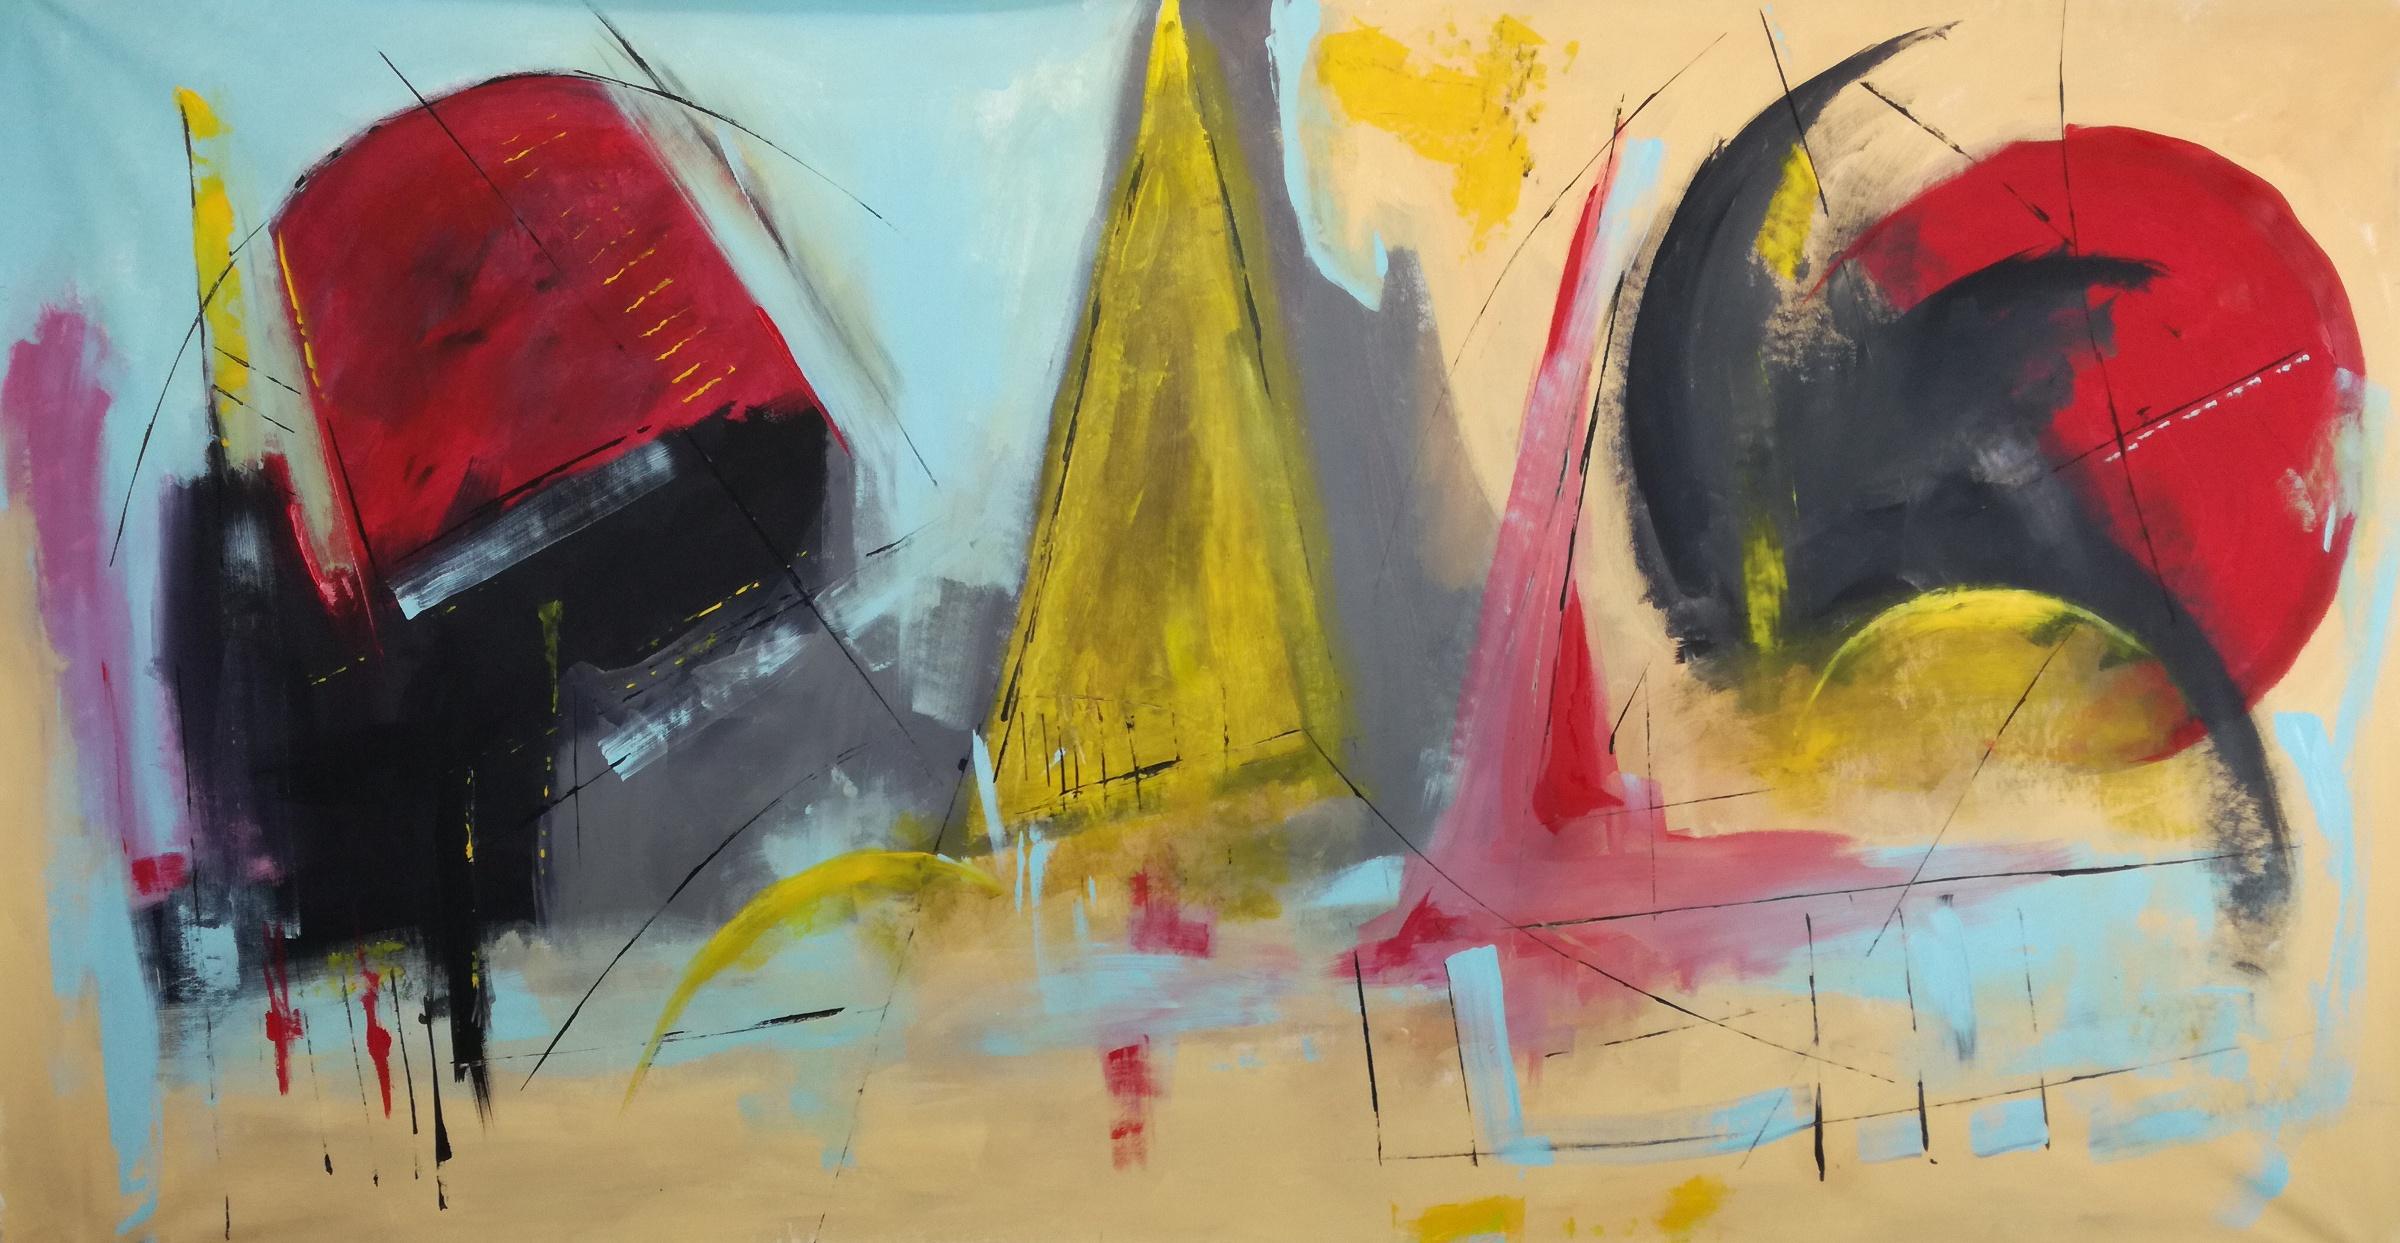 artfinder b32 - dipinti moderni grandi dimensioni 180x90 fatto a mano